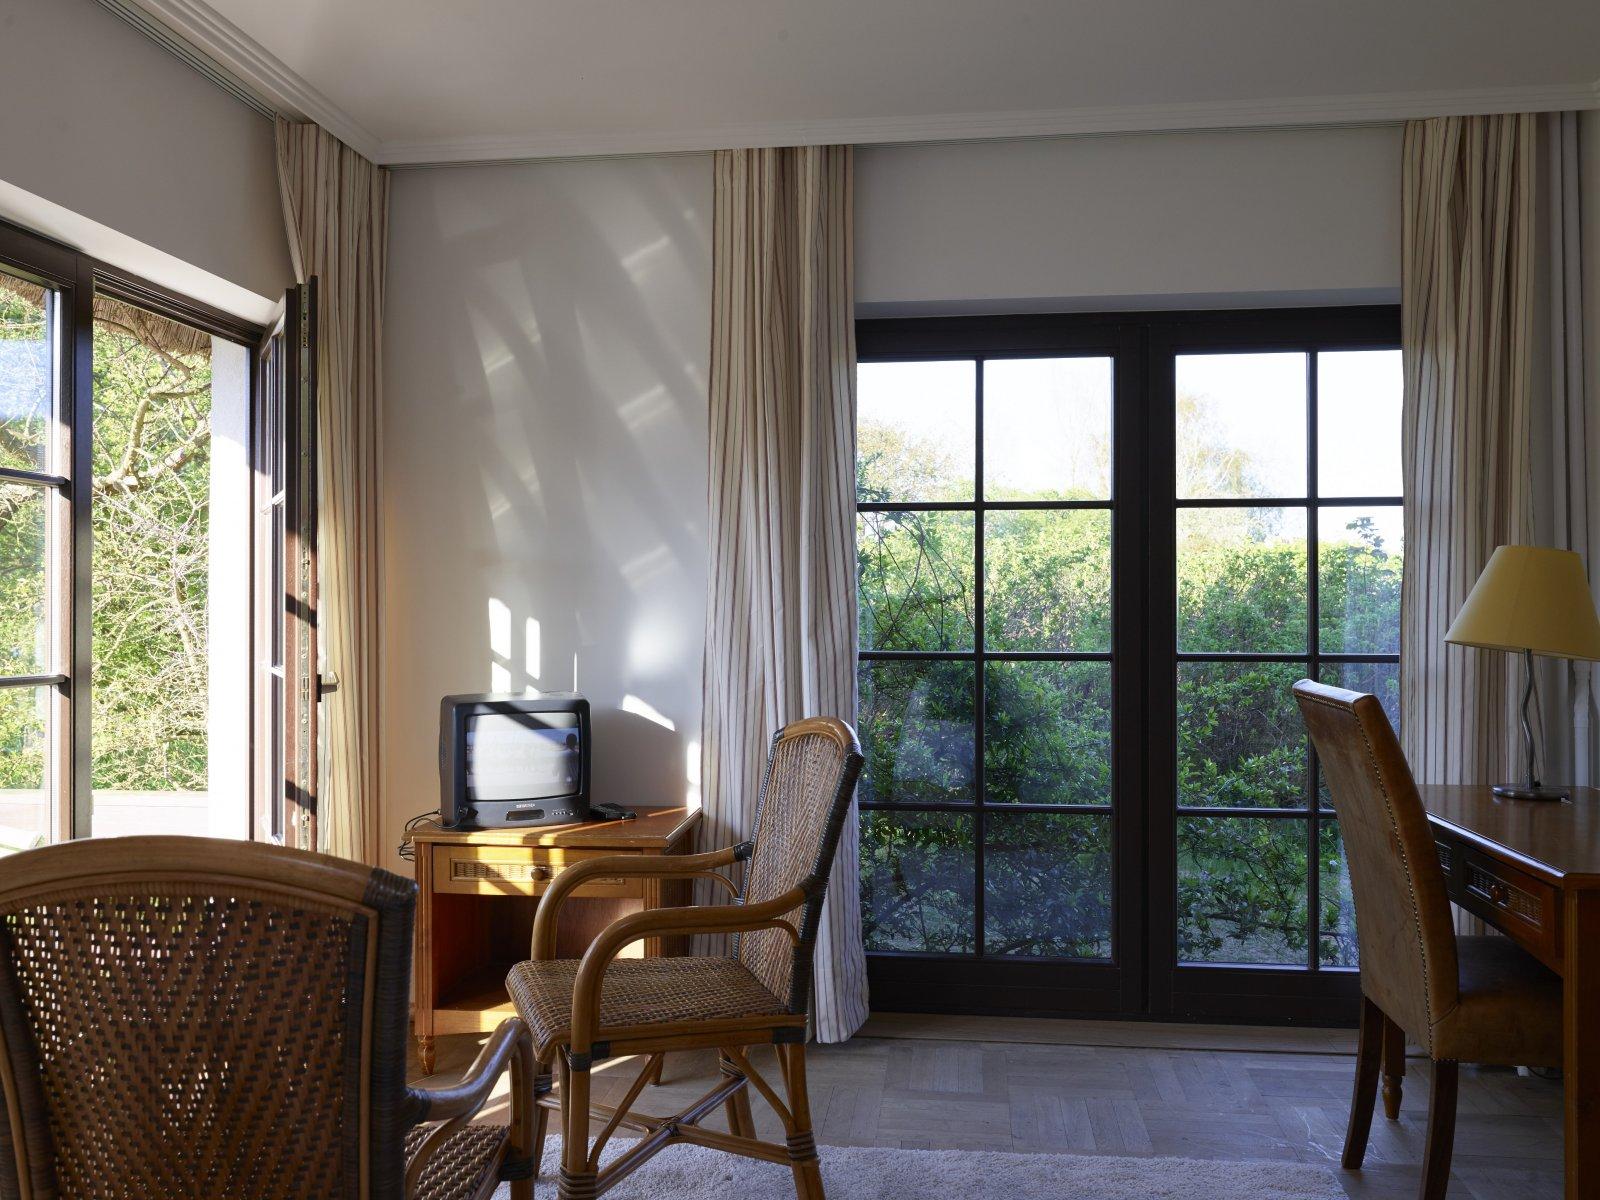 m rlerhaus ferienhaus ferienwohnungen auf hiddensee. Black Bedroom Furniture Sets. Home Design Ideas